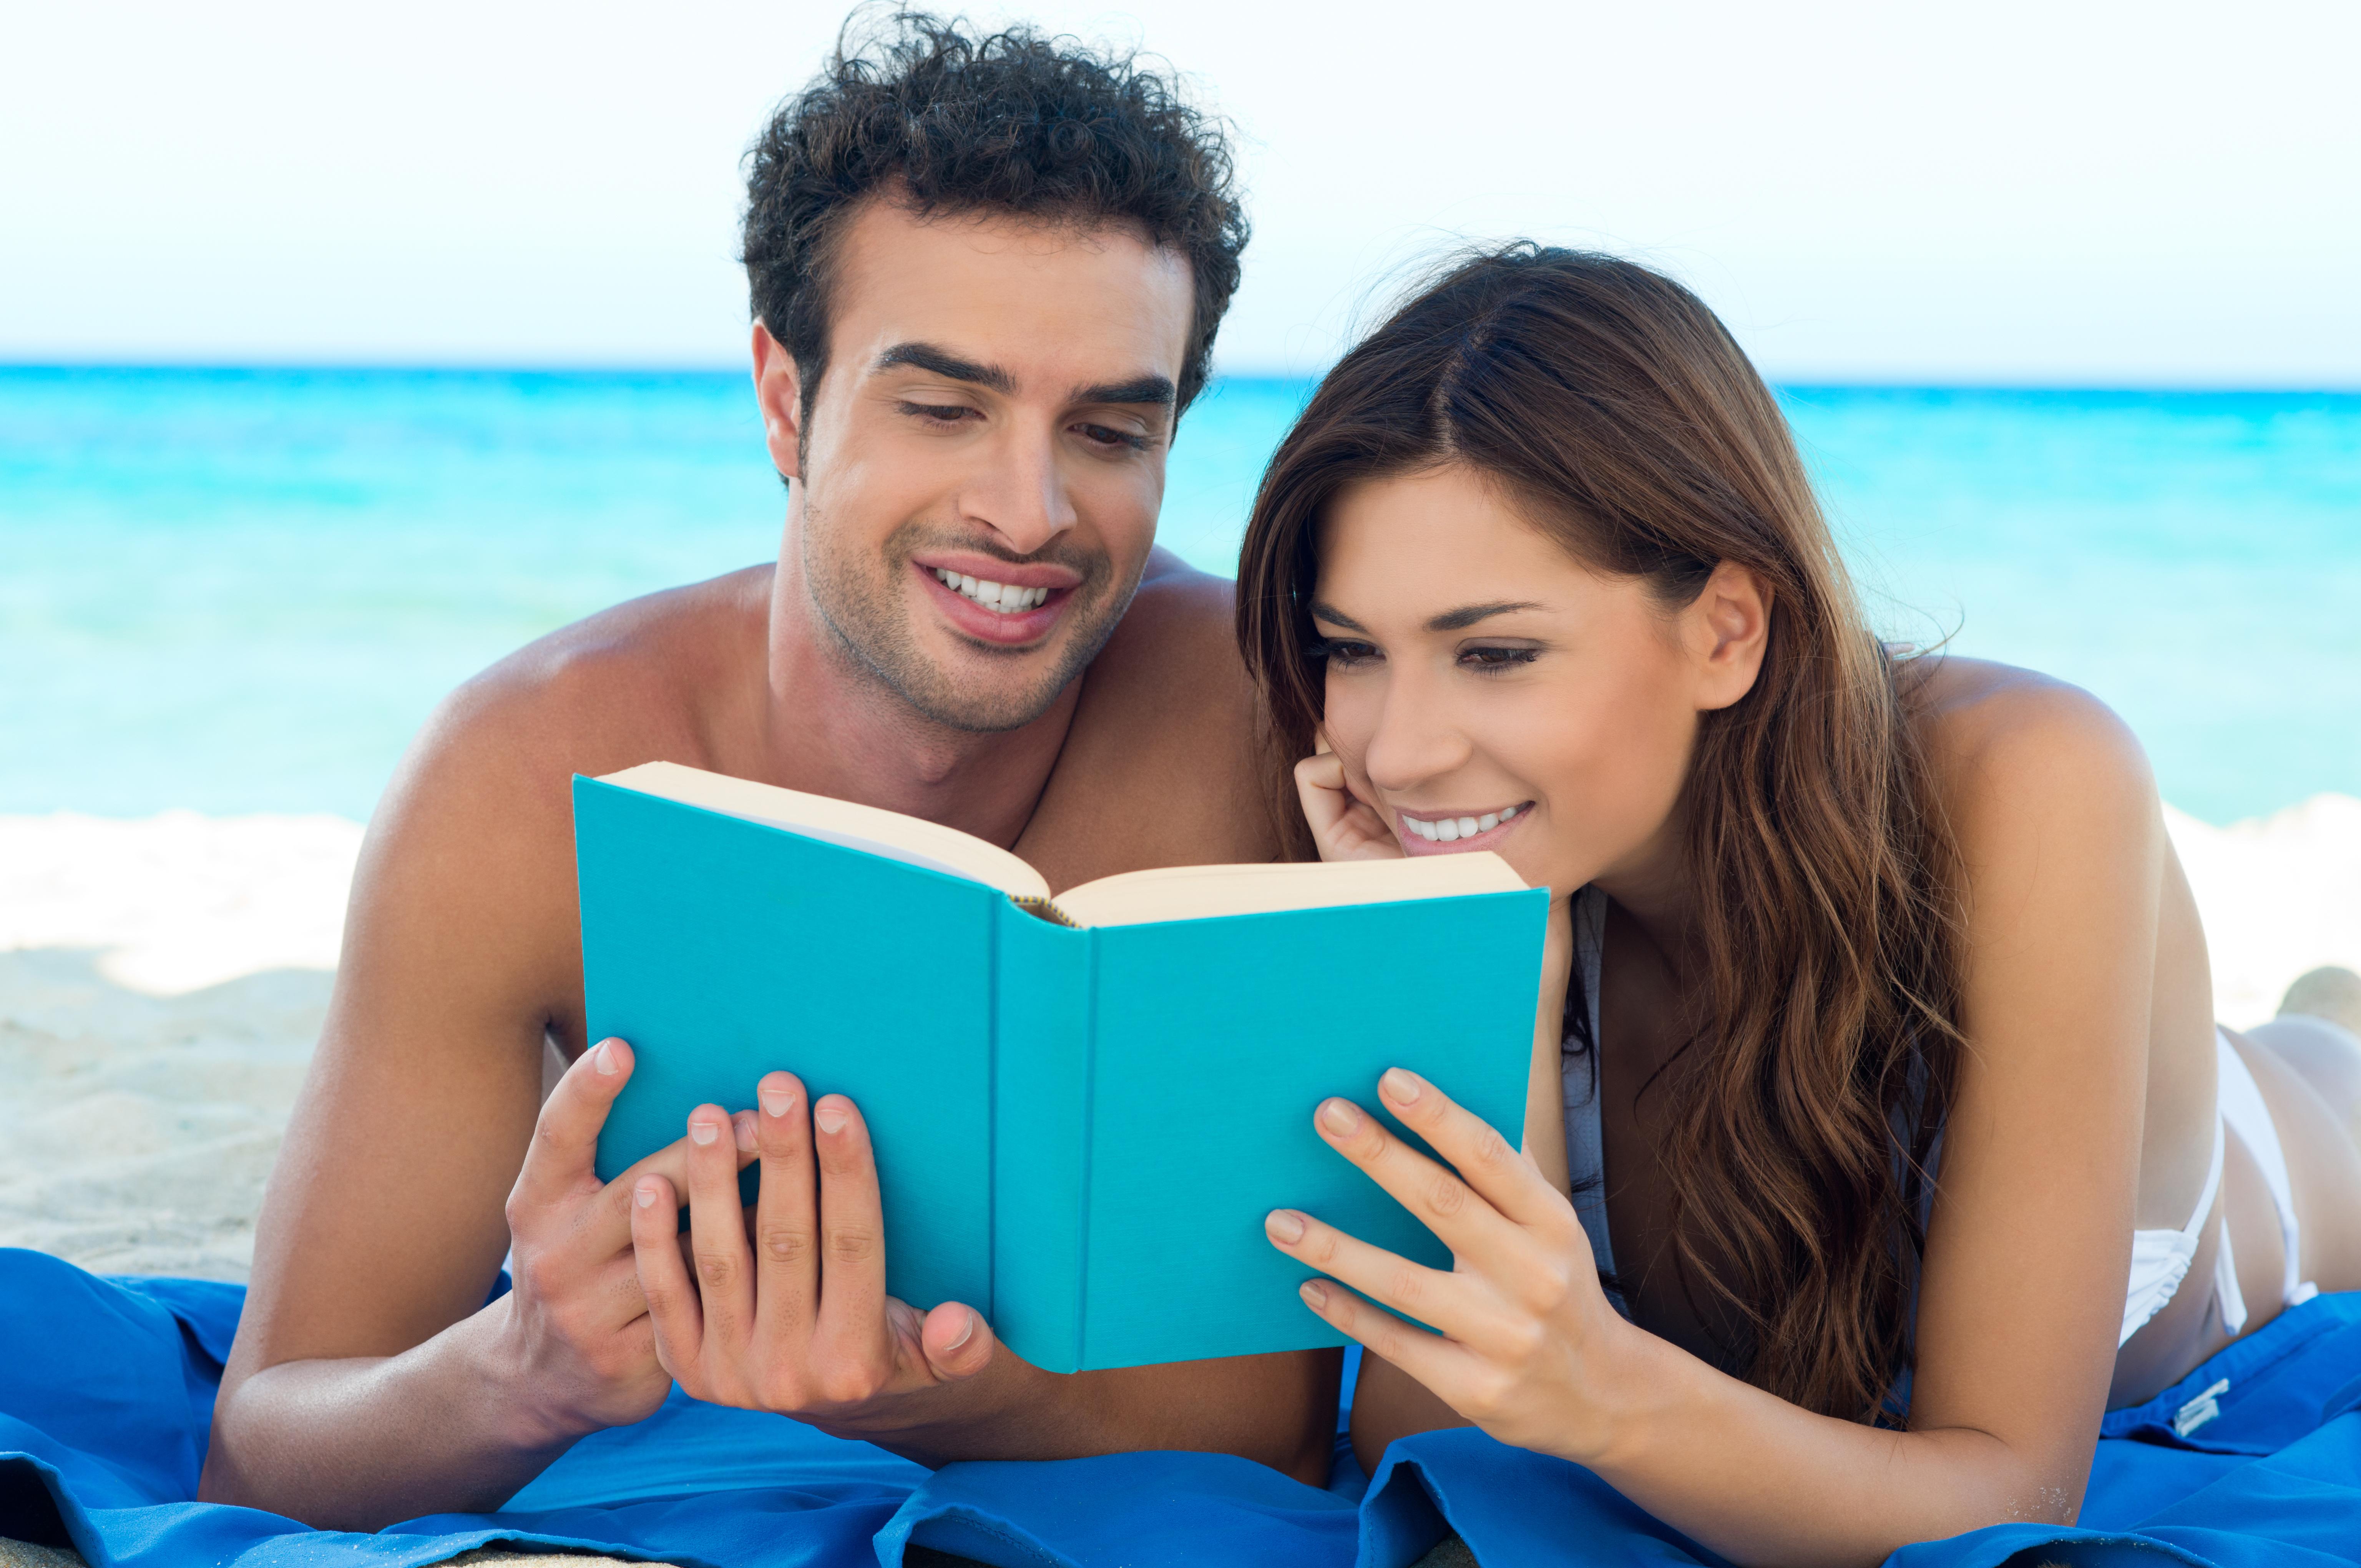 הדרך למצוא אהבה מהספרים (צילום: shutterstock)